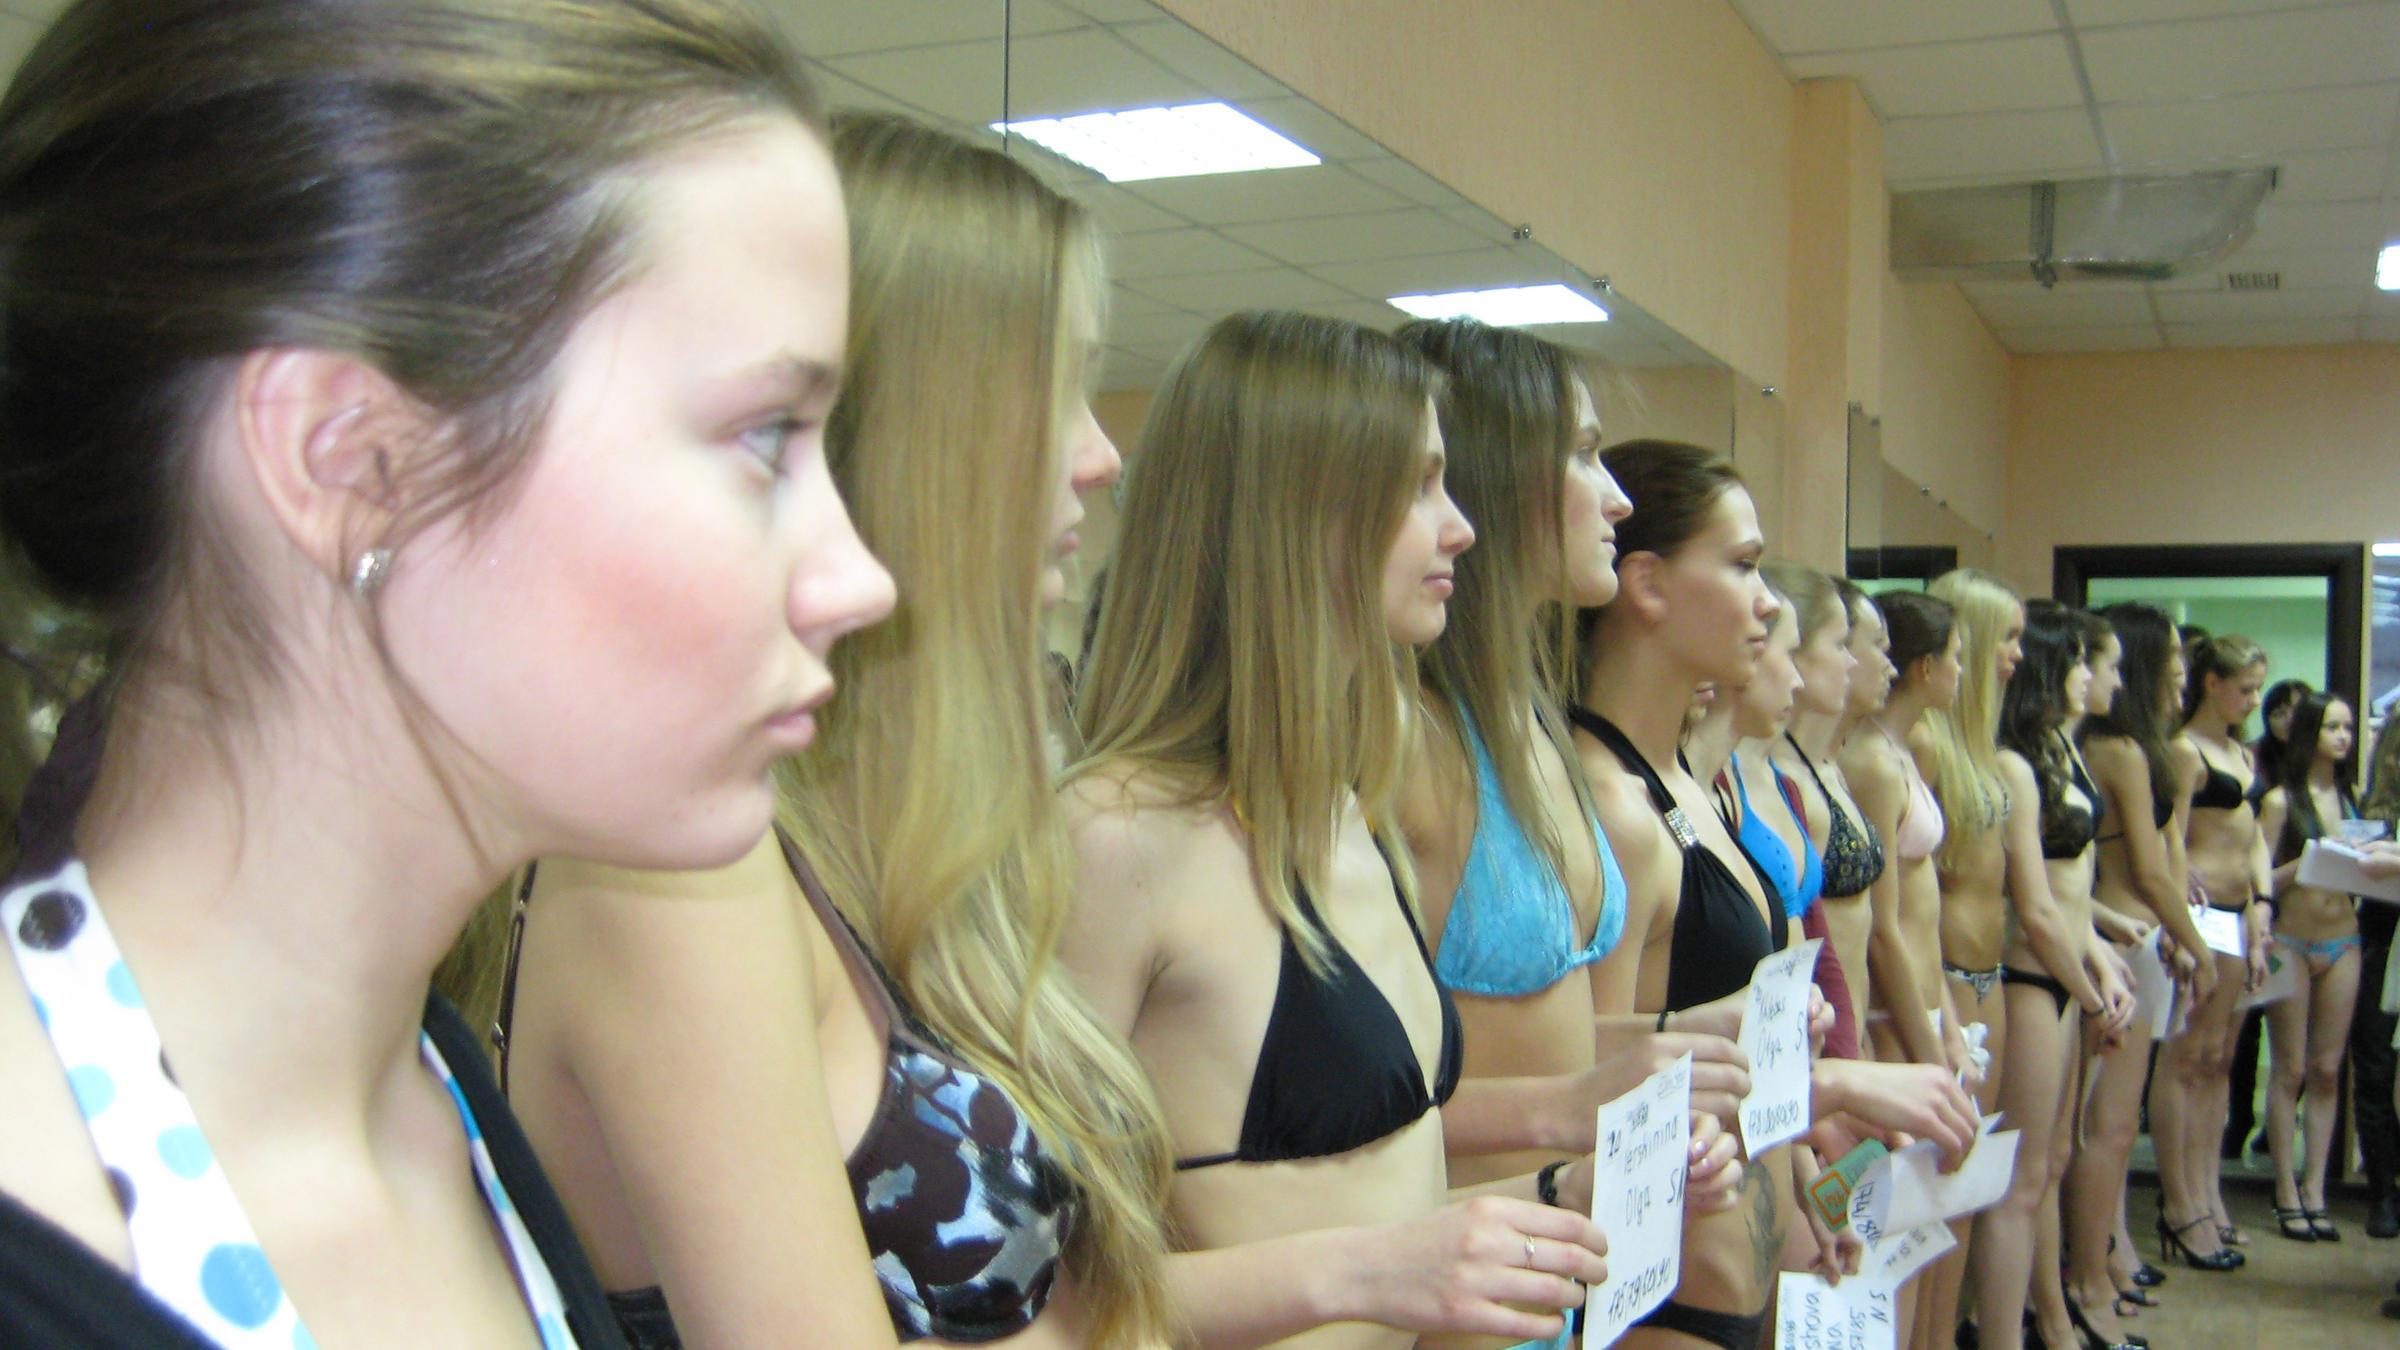 Смотреть порно в школе девочек онлайн бесплатно 11 фотография